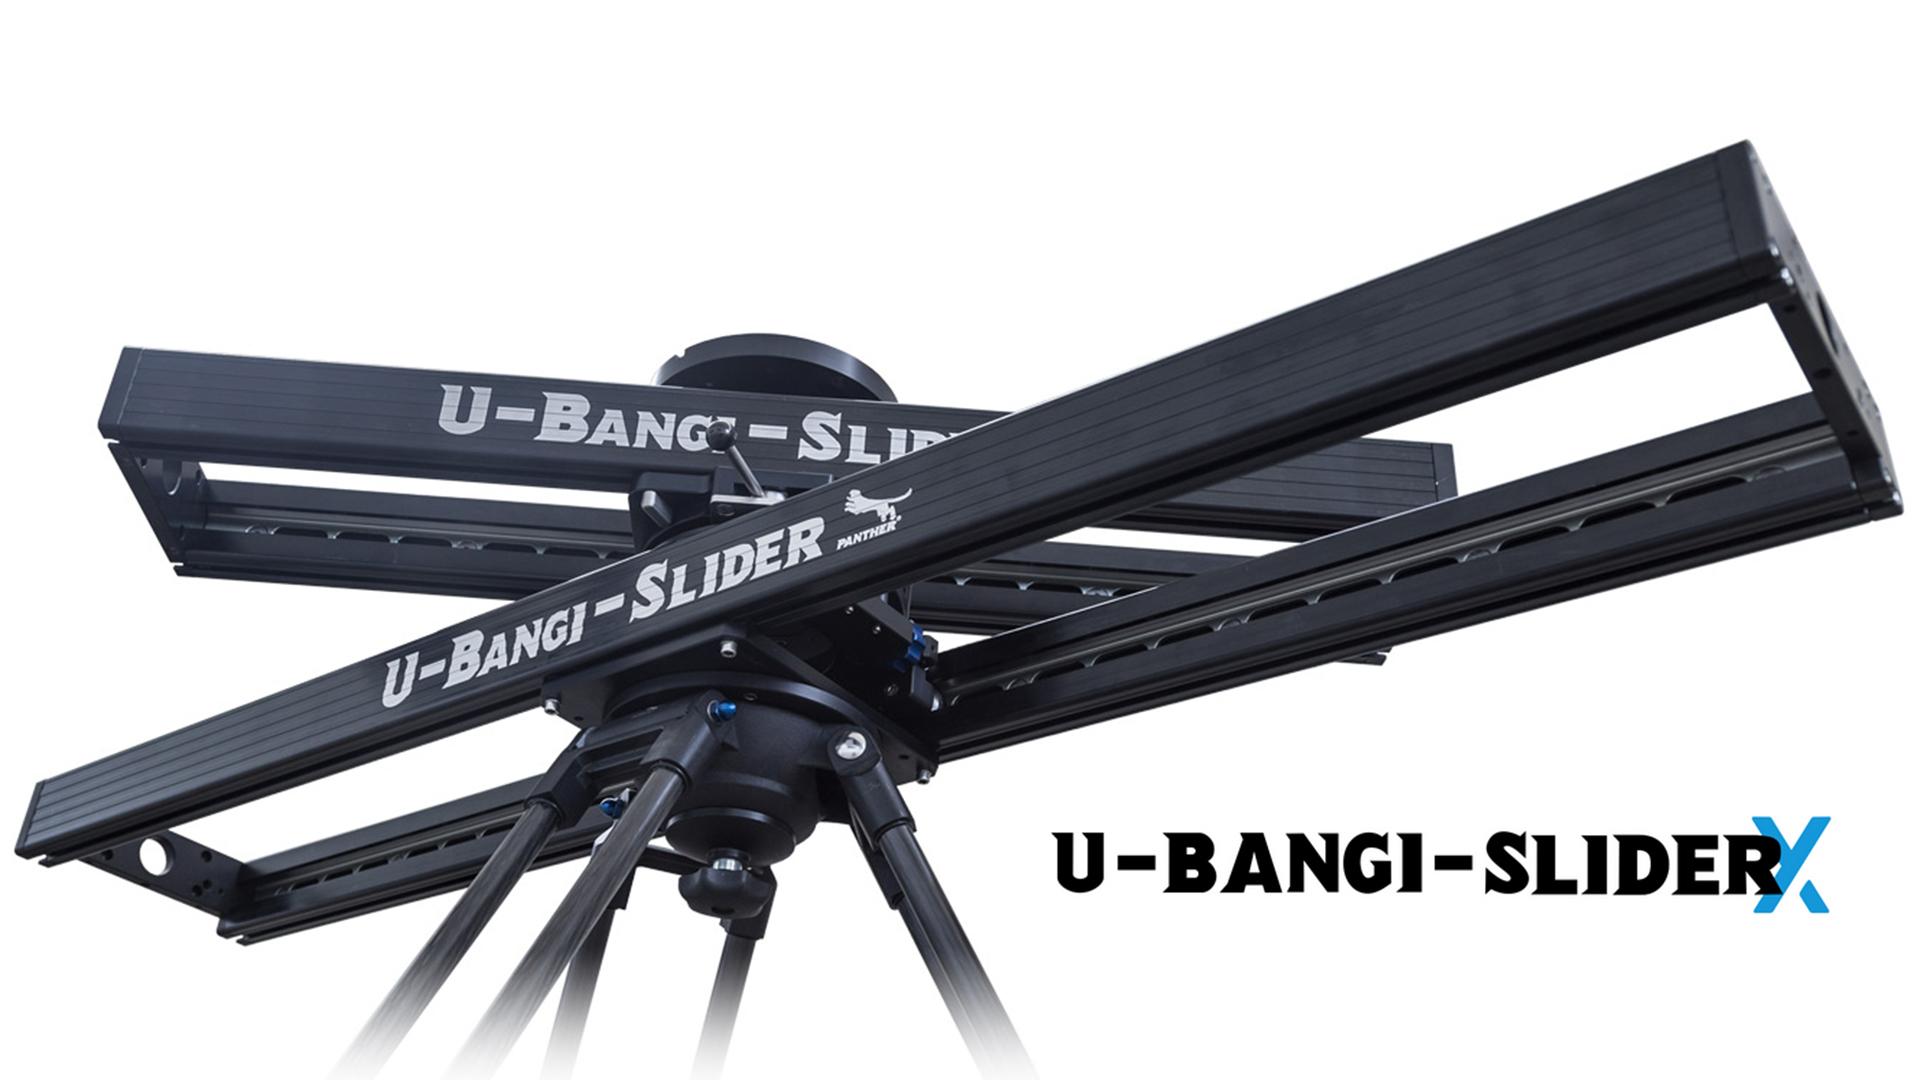 PantherのU-Bangi-Slider XY - 2軸を持つスライダー